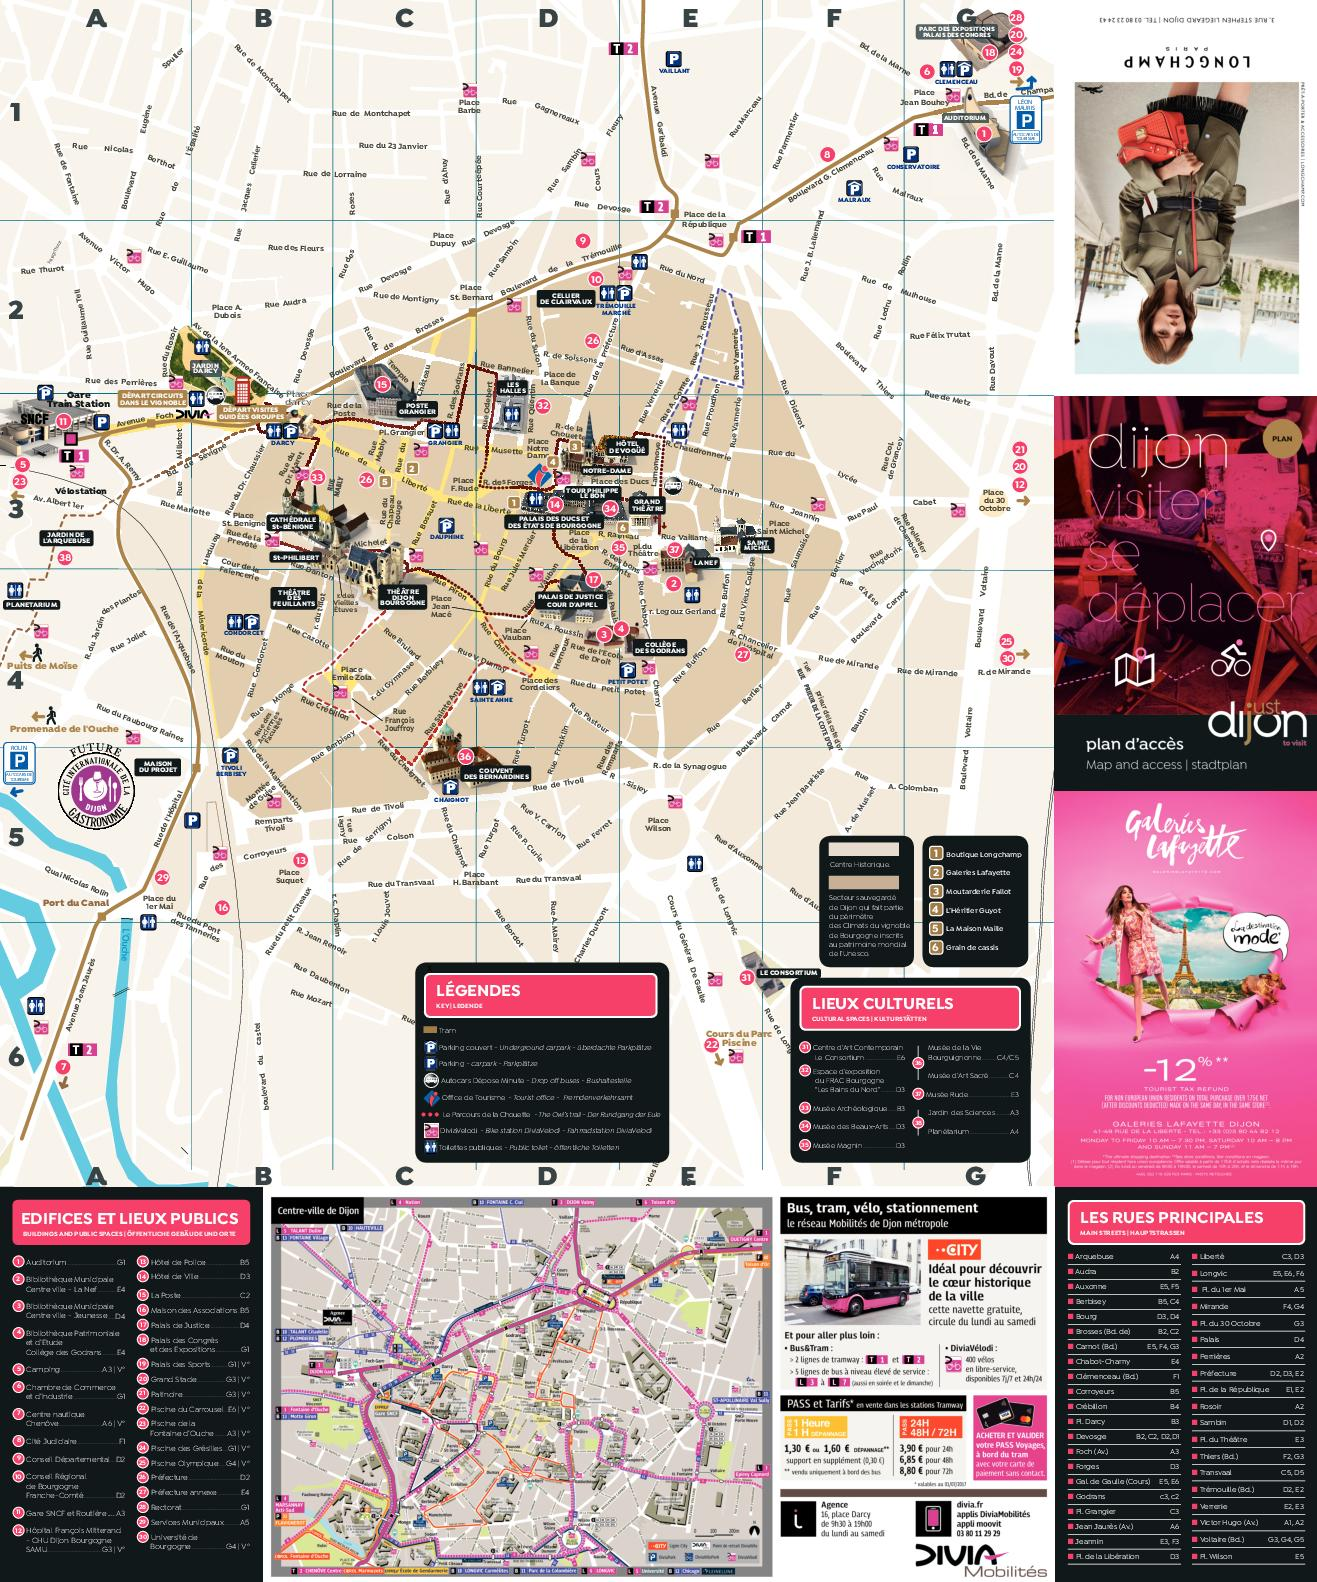 Plan d'accès Dijon 2018